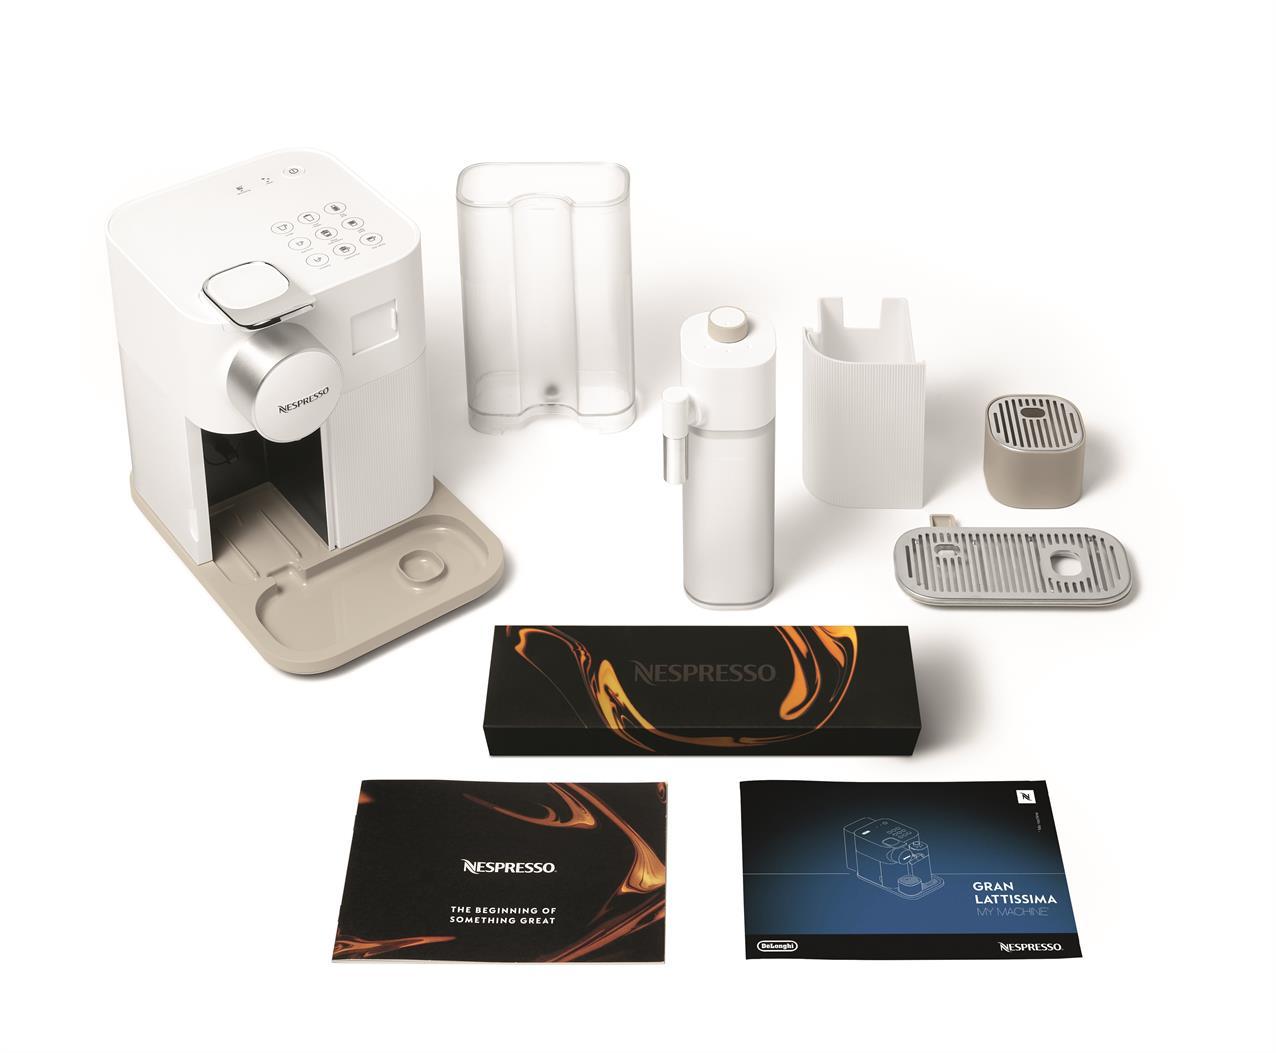 מכונת קפה NESPRESSO גראן לטיסימה בגוון לבן דגם F531 - תמונה 6